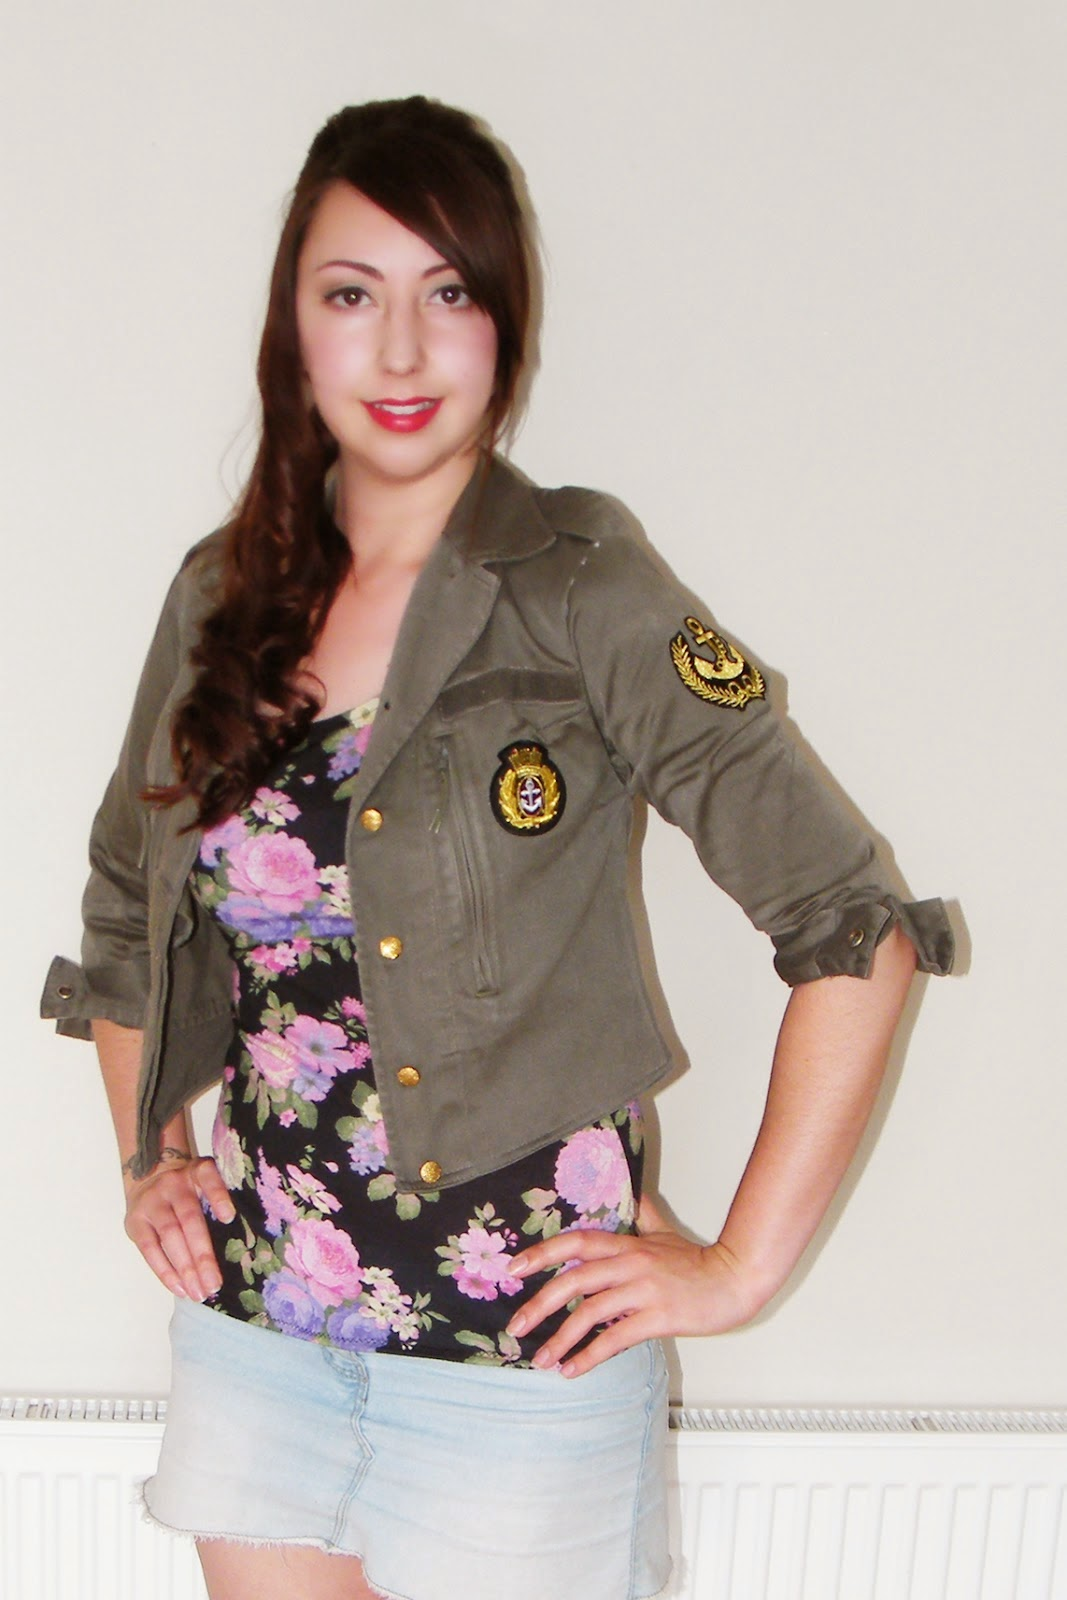 http://www.lolanova.com/2014/06/refashioning-jacket-basic-tailoring.html